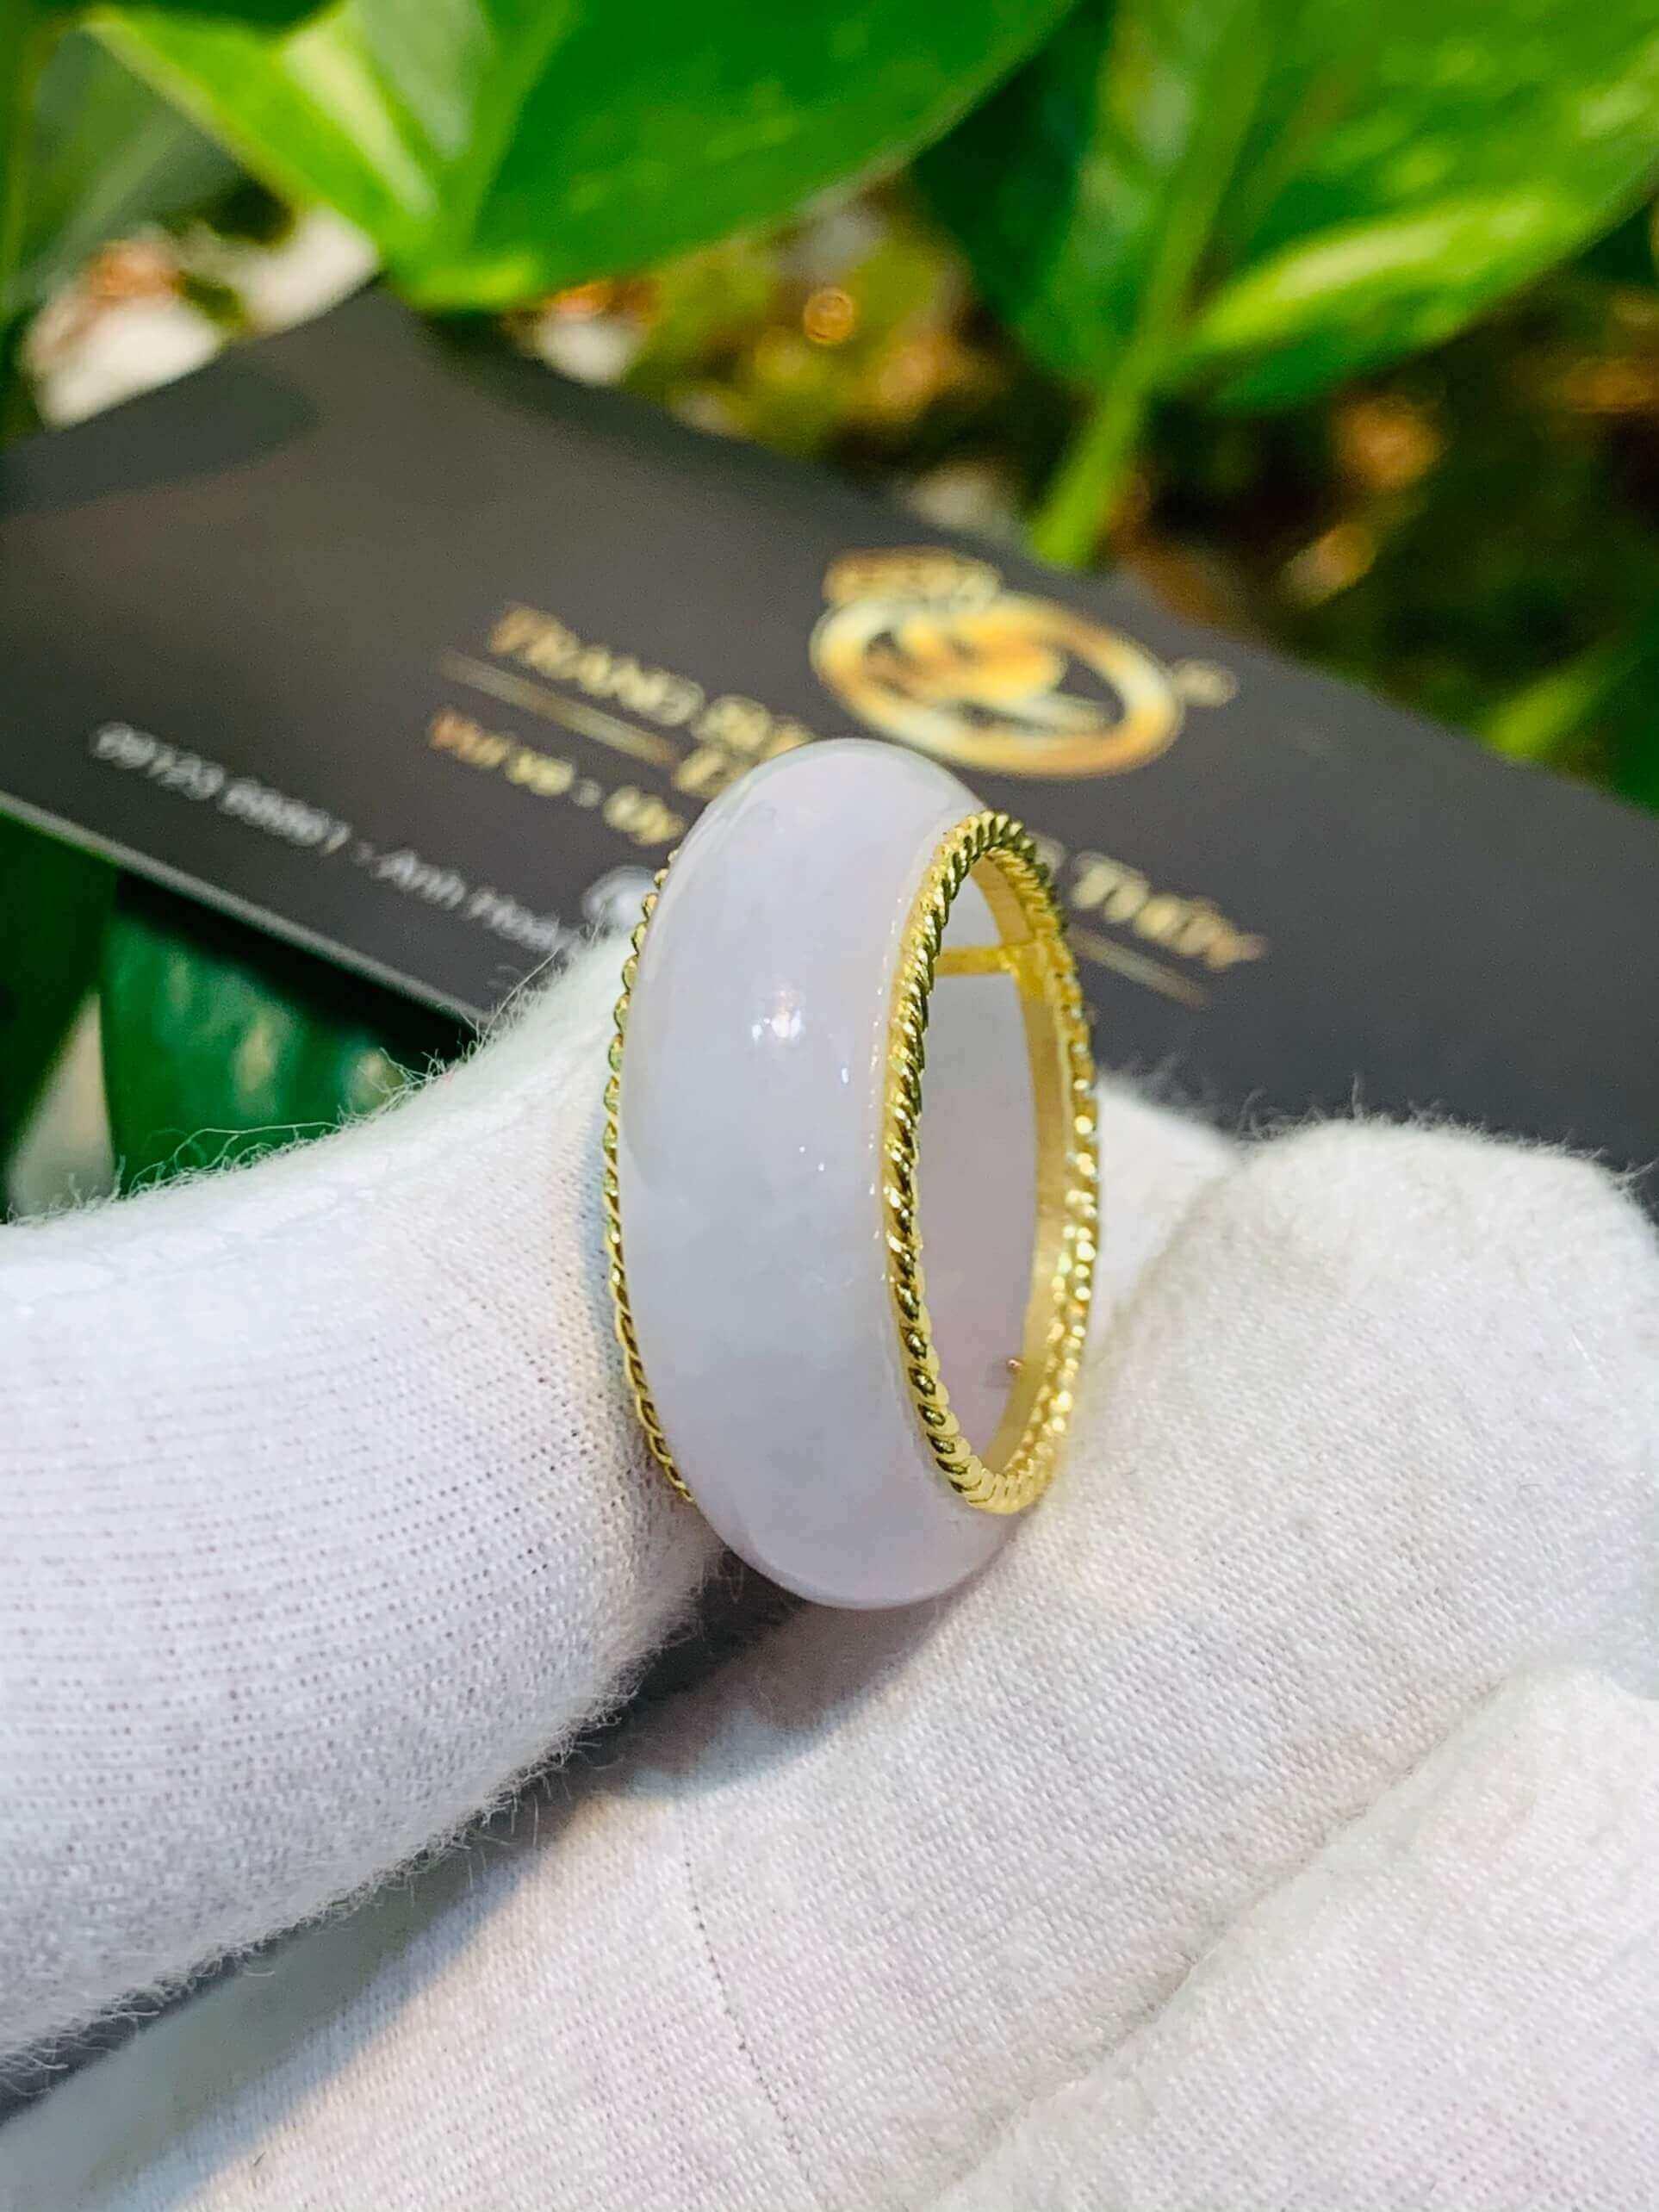 Nhẫn Bạch Ngọc bọc vàng xoắn kép là món trang sức không thể thiếu